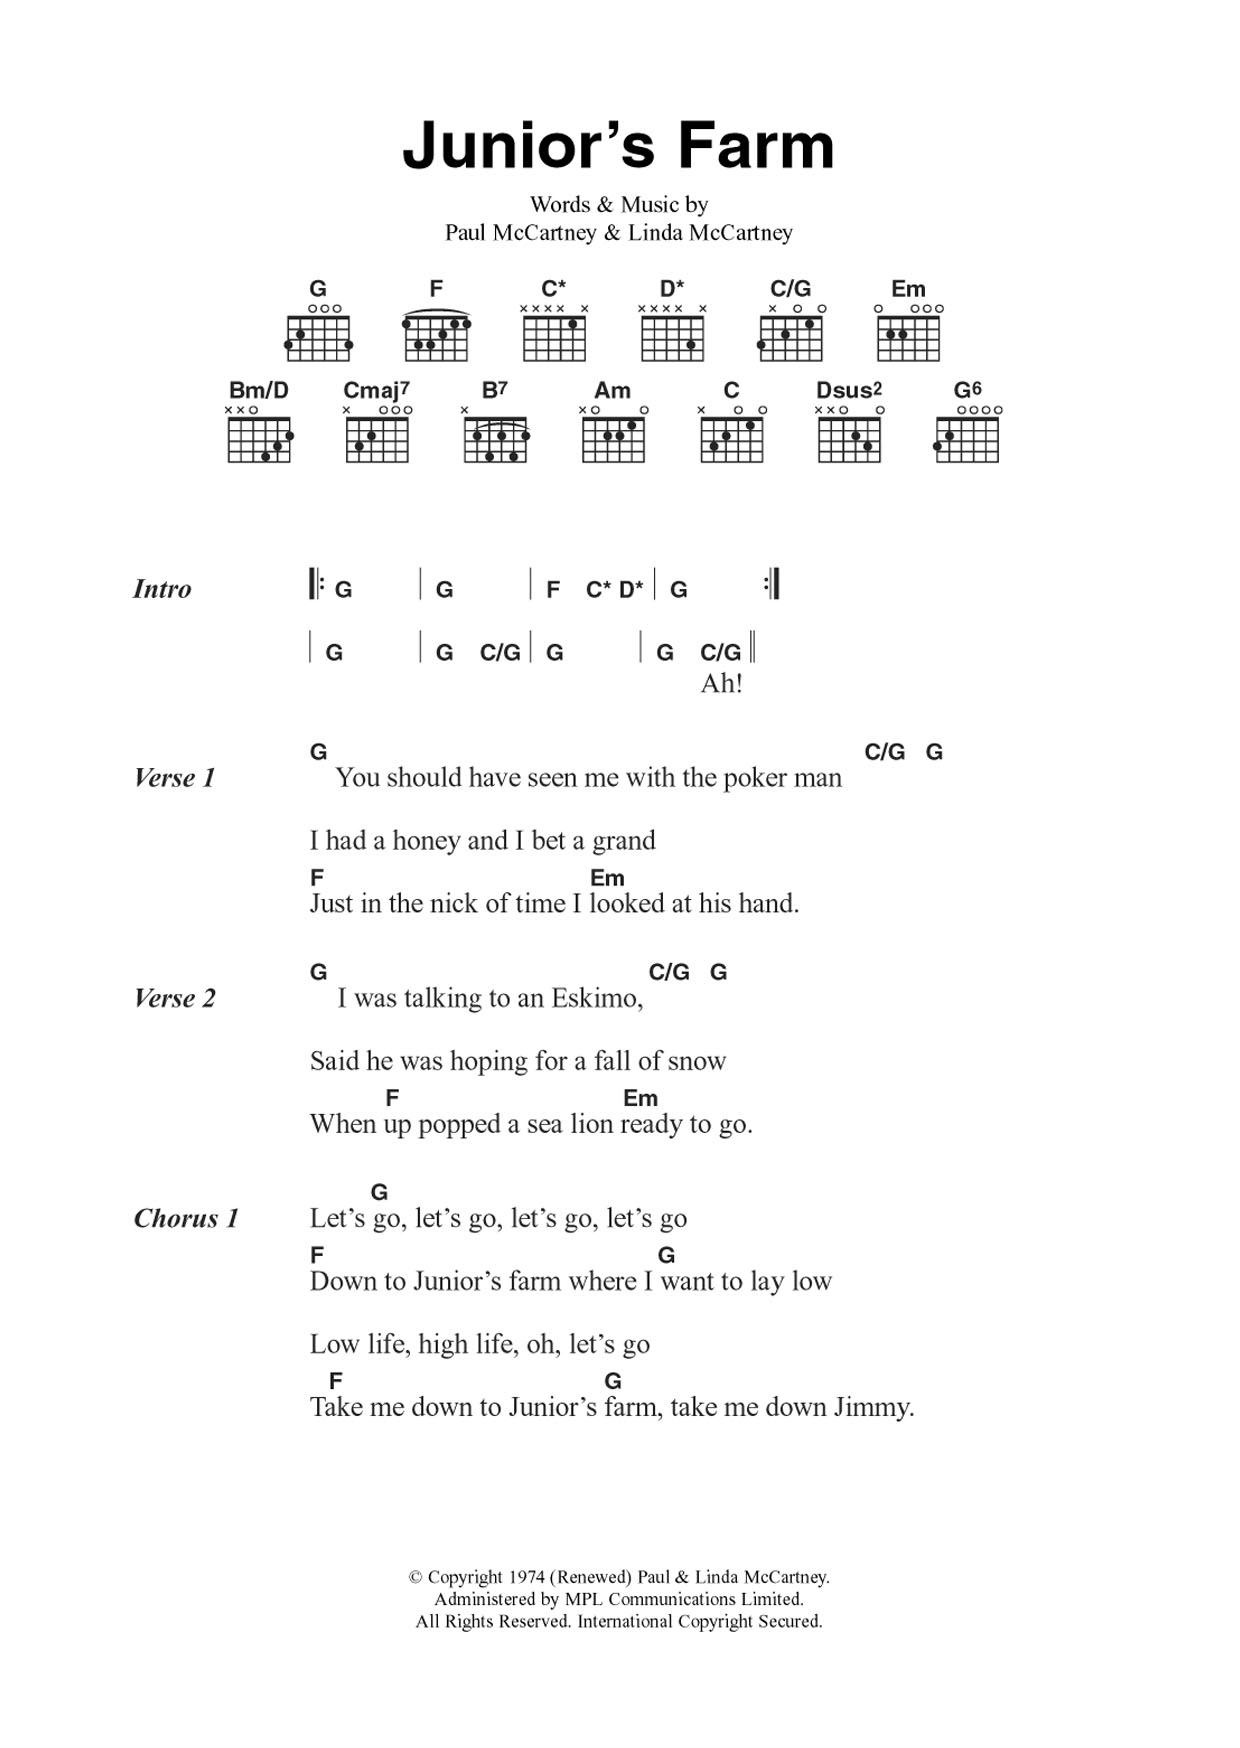 Junior's Farm Sheet Music